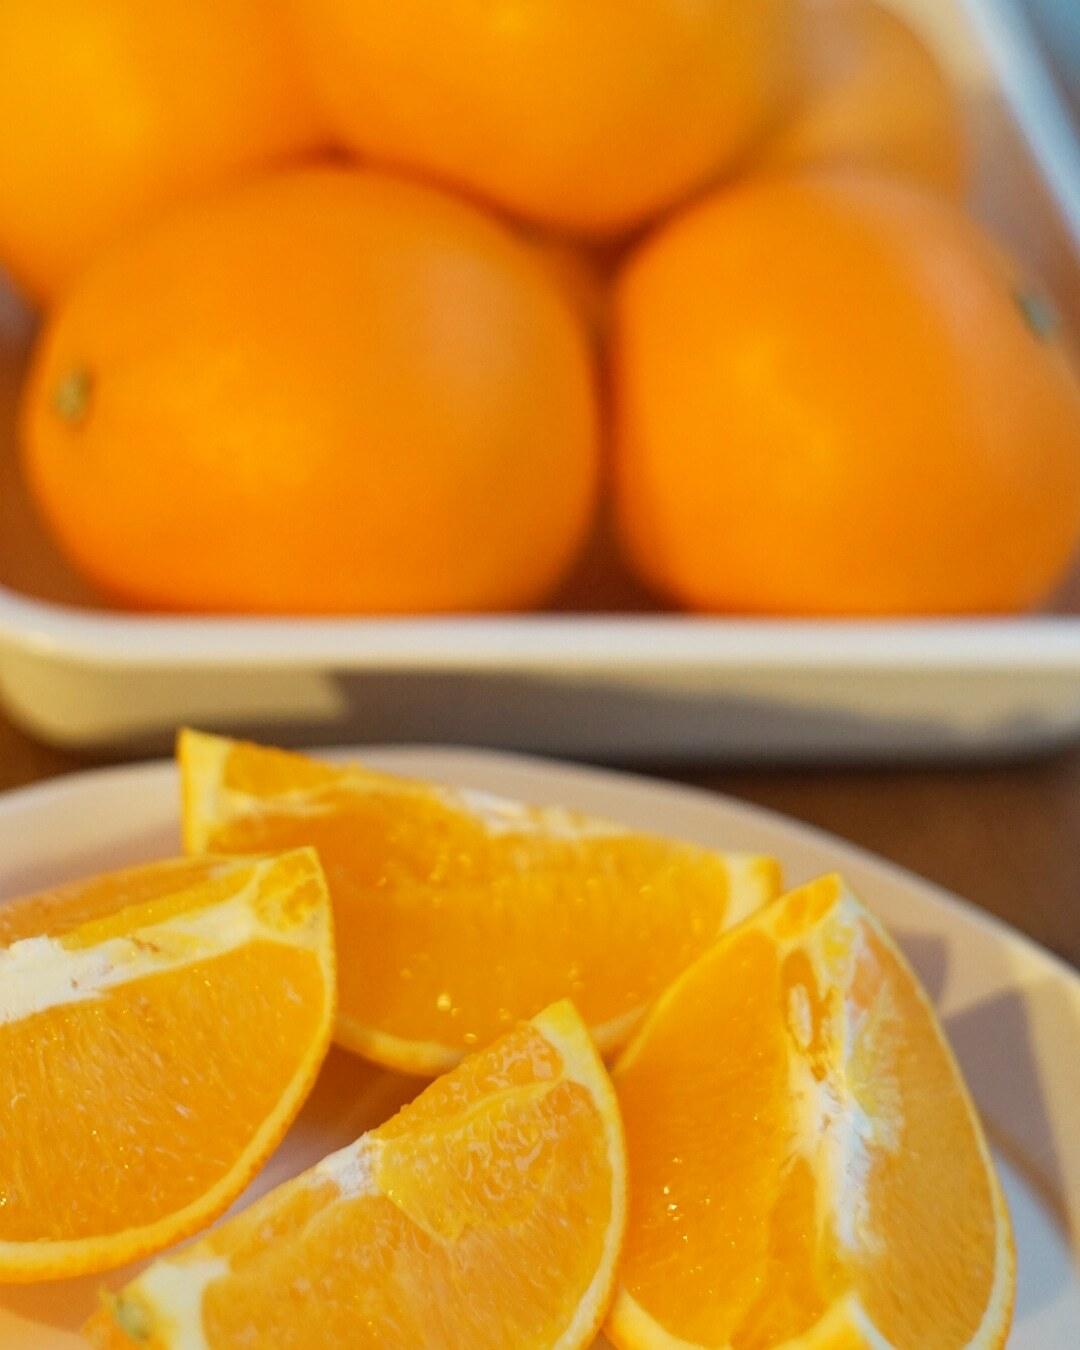 季節限定ジャム ~ ネーブルオレンジ ジャム ~